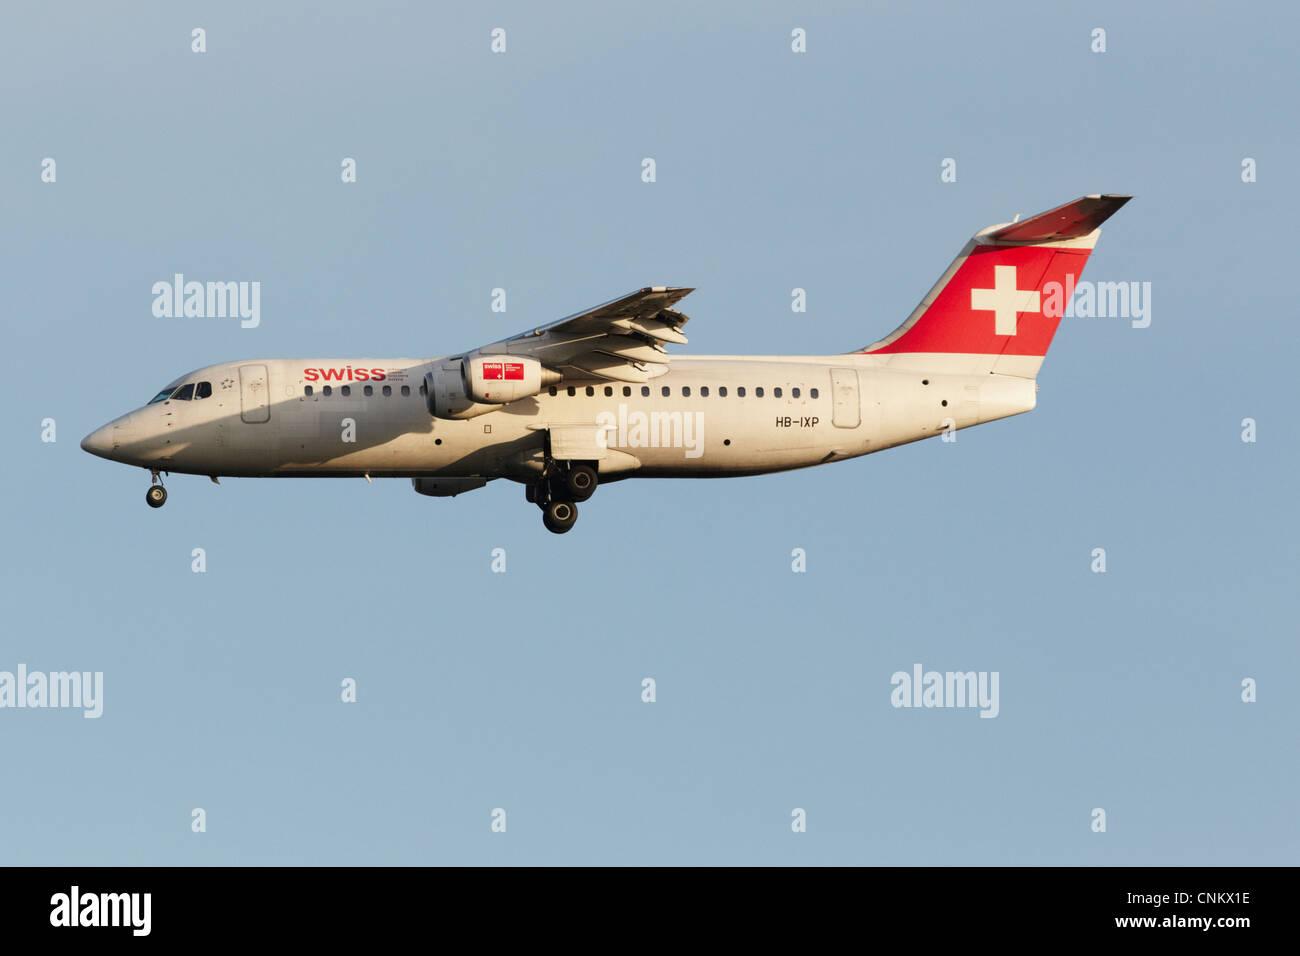 Swiss BAe Avro RJ100 on final approach - Stock Image